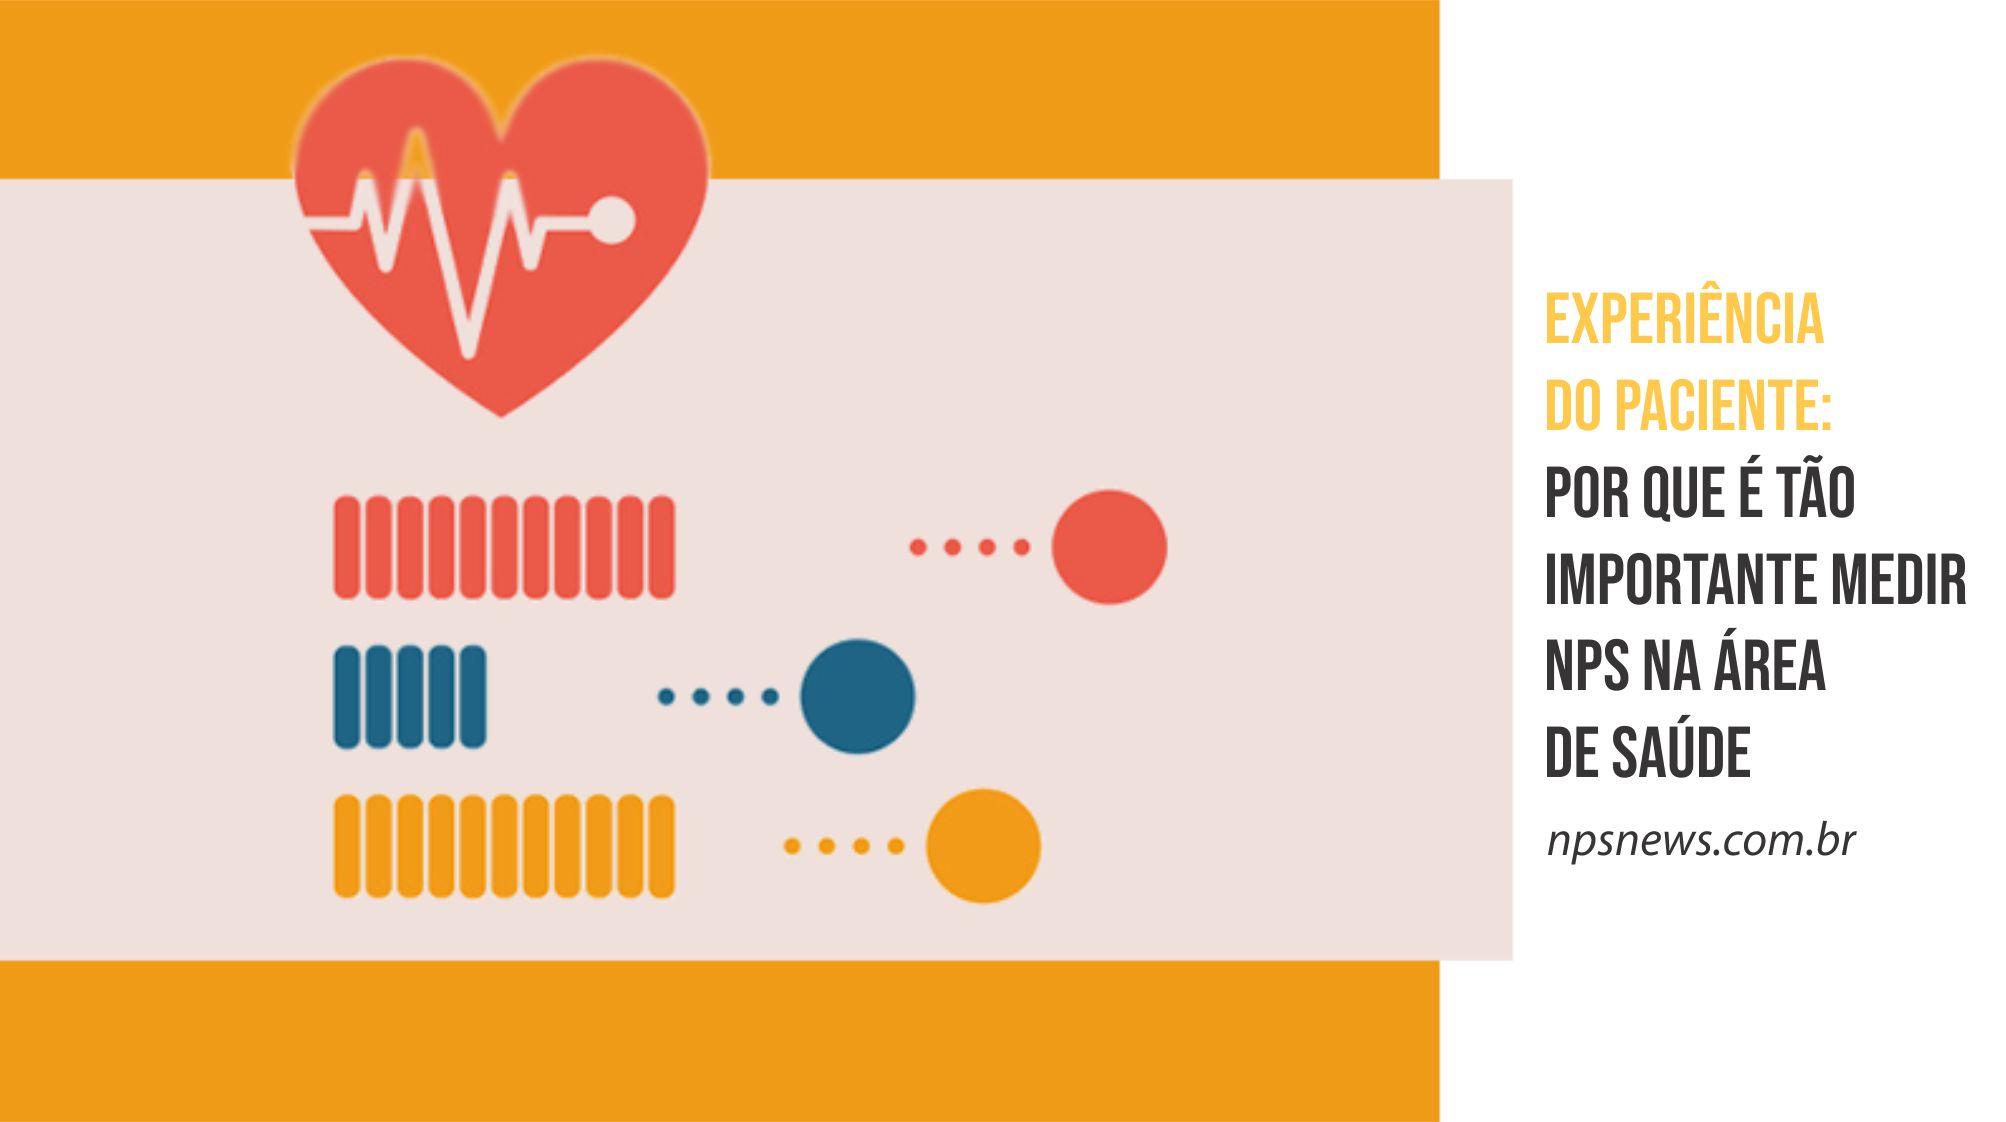 Experiência do Paciente: por que é tão importante medir o NPS na área de saúde